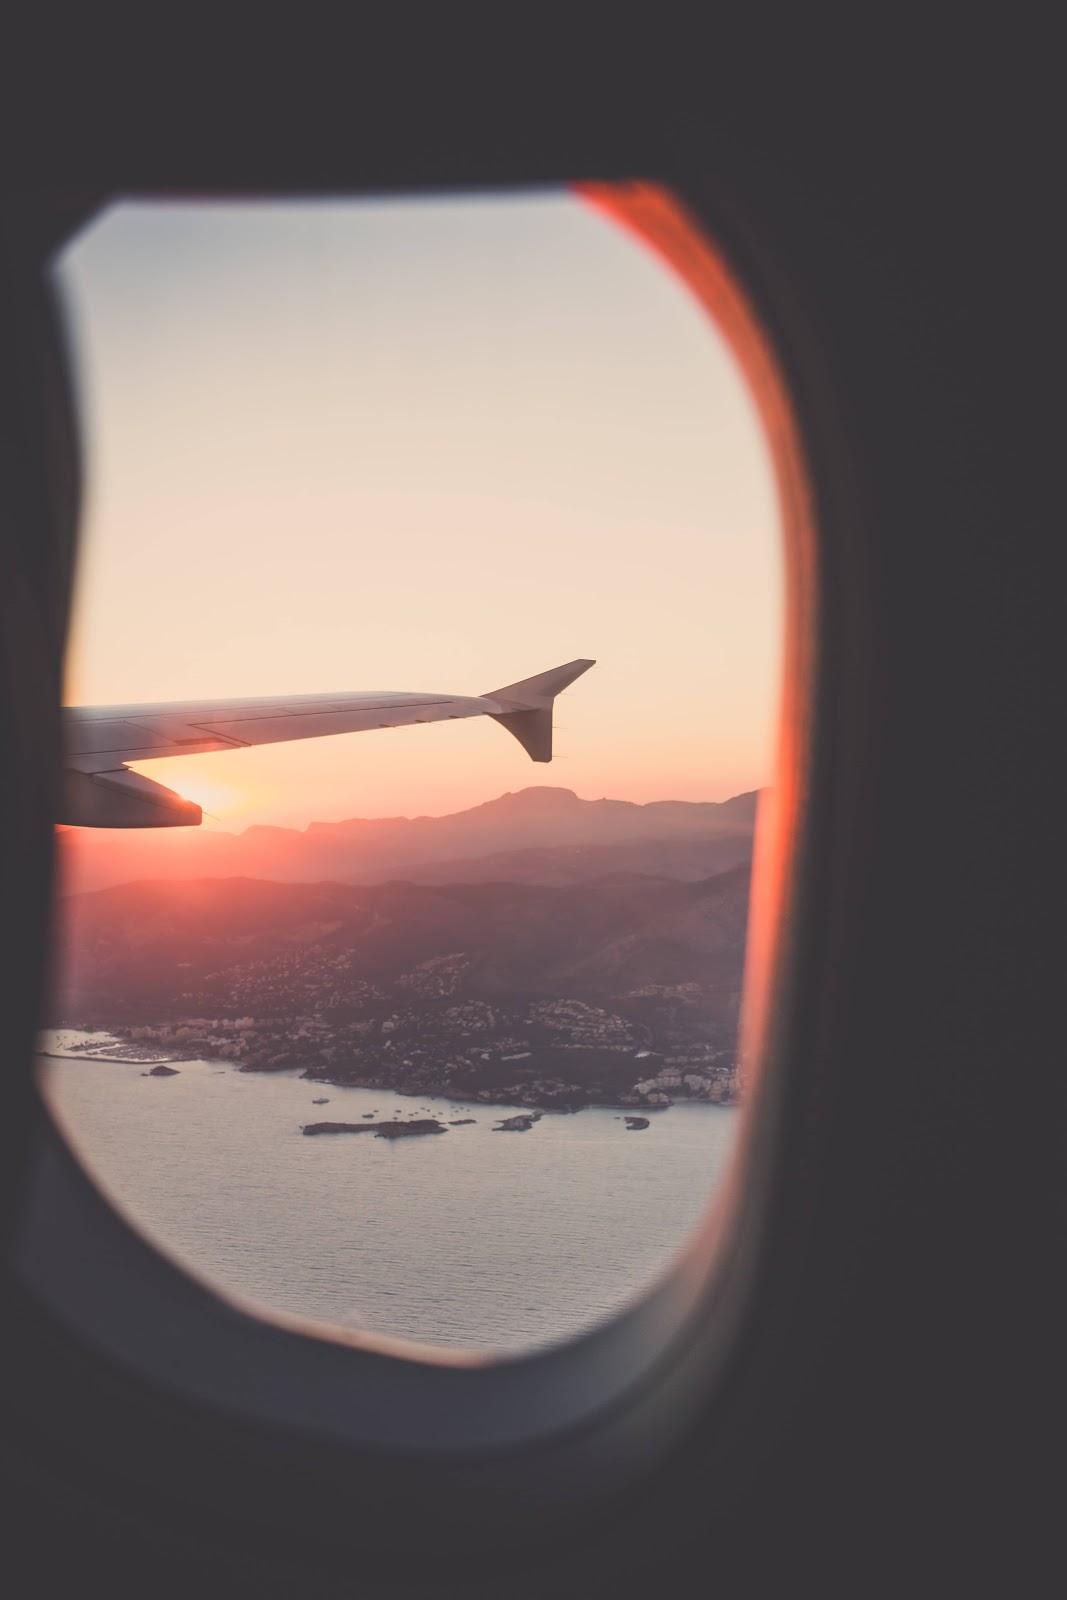 aereo-vista-codici-sconto-tiqets